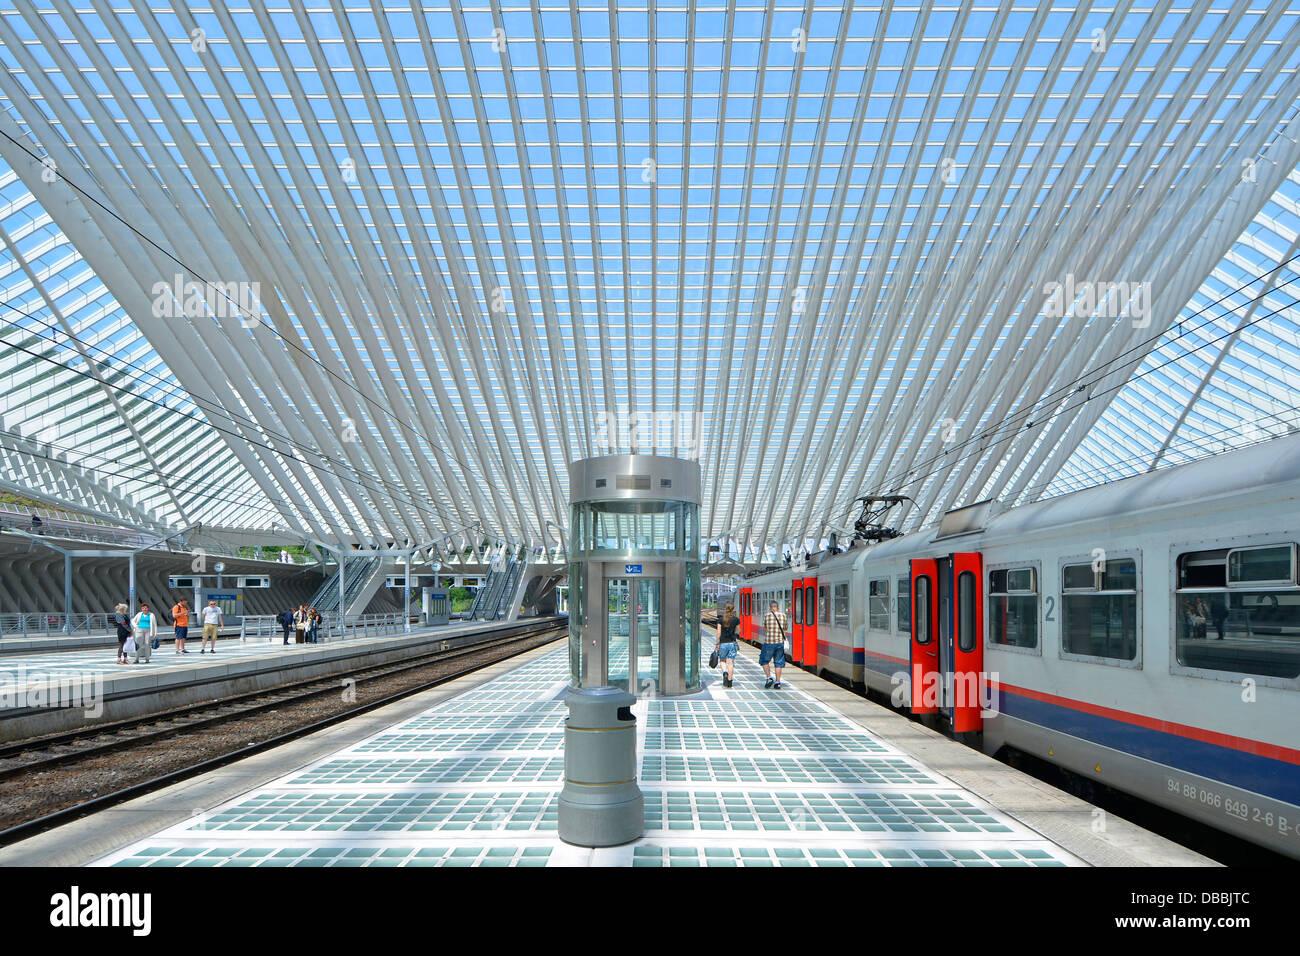 People on train platforms & couple walking away along  station platform Liège Belgium below modern building - Stock Image